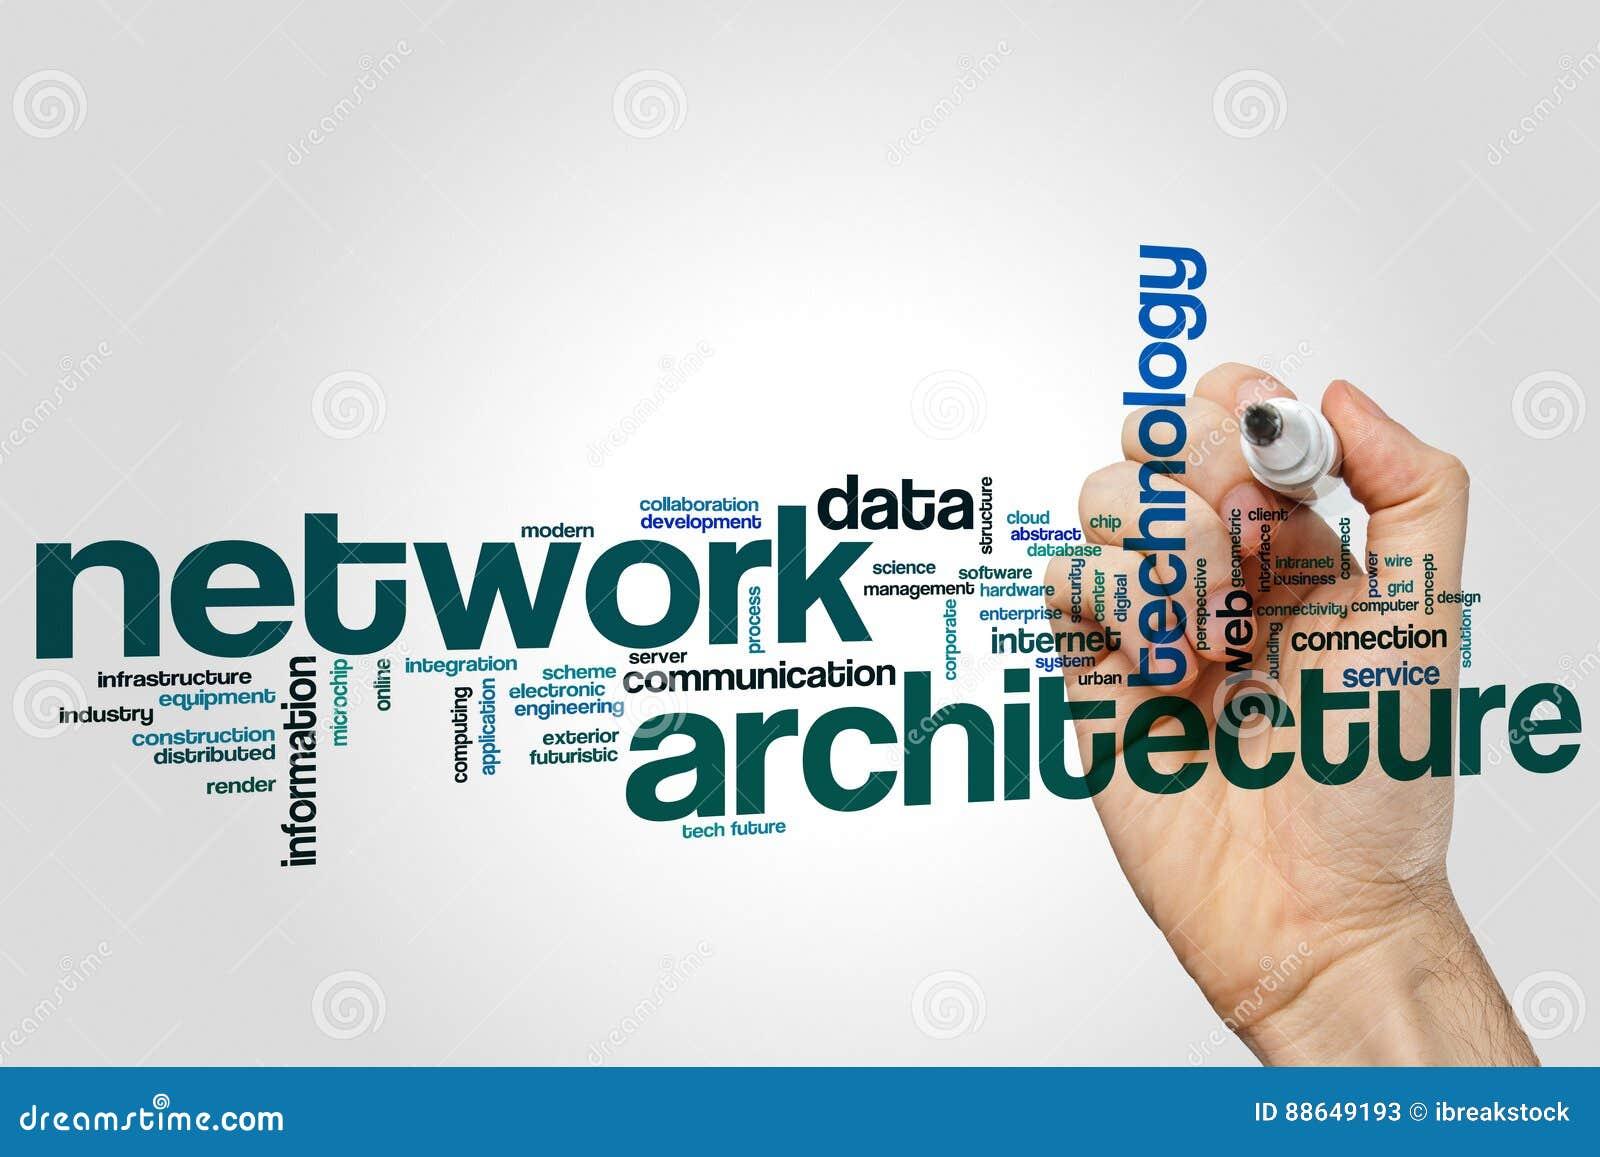 Netzwerk-Architektur-Wortwolke